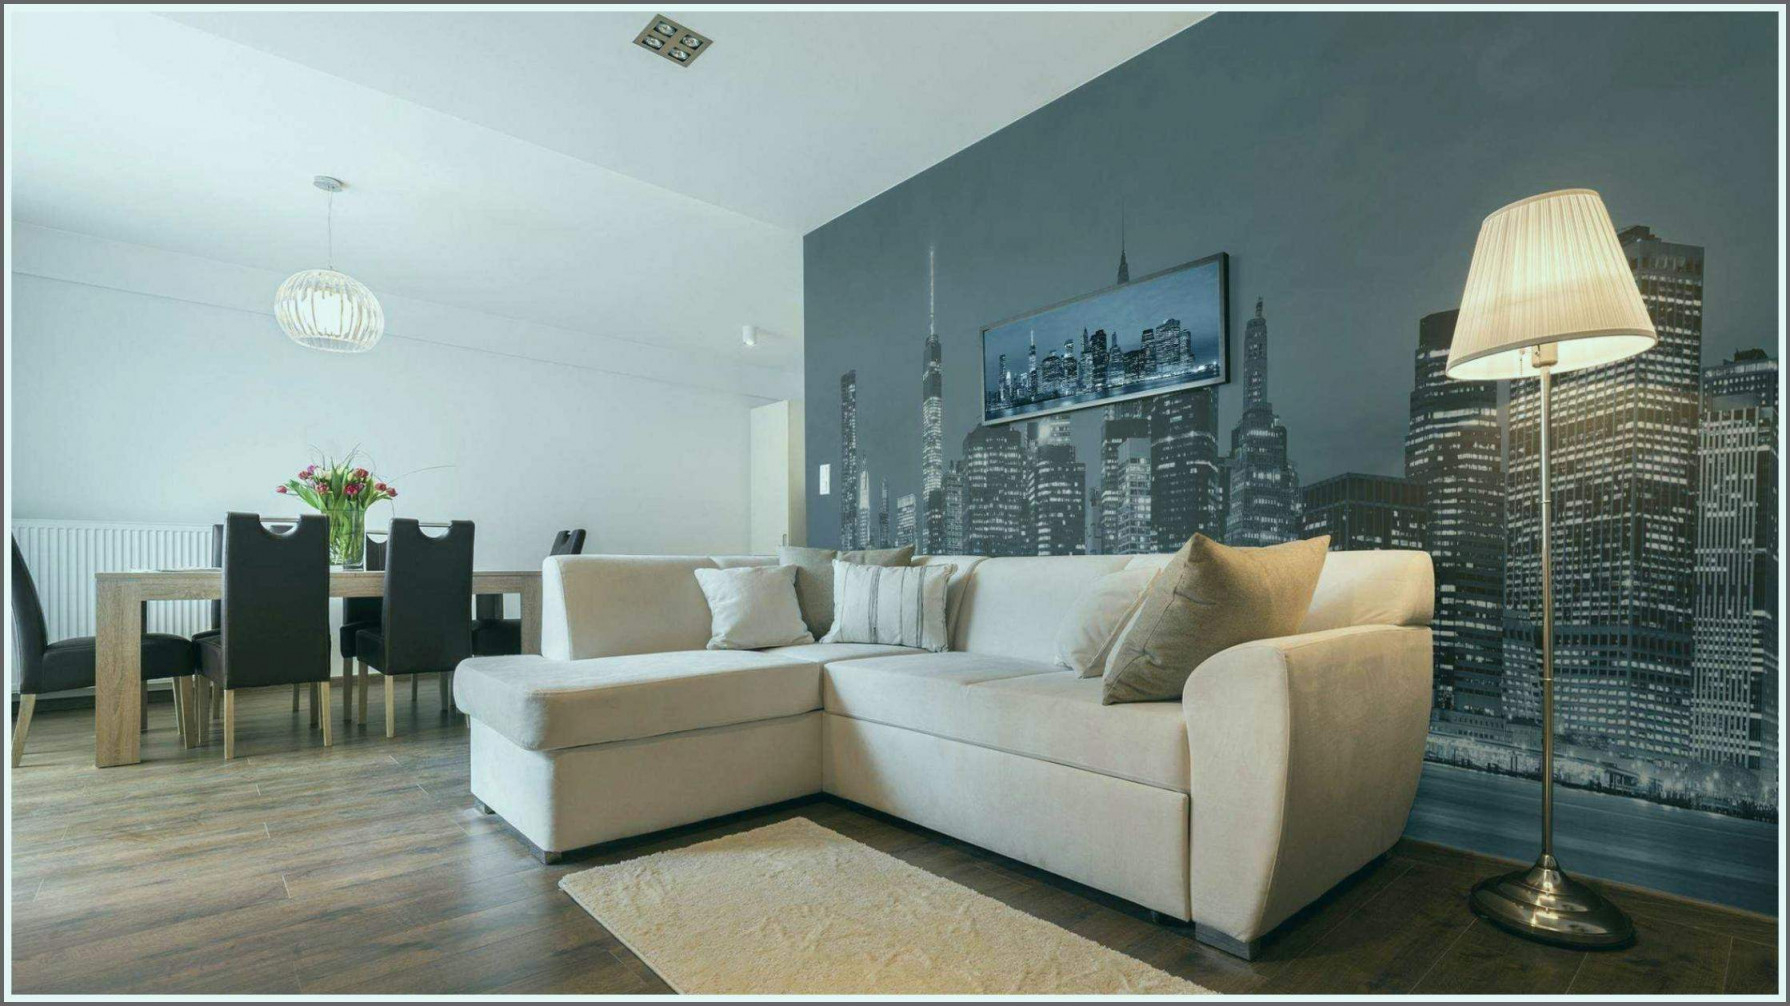 31 Schön Steintapete Wohnzimmer Inspirierend  Wohnzimmer Frisch von Wohnzimmer Ideen Mit Steintapete Bild